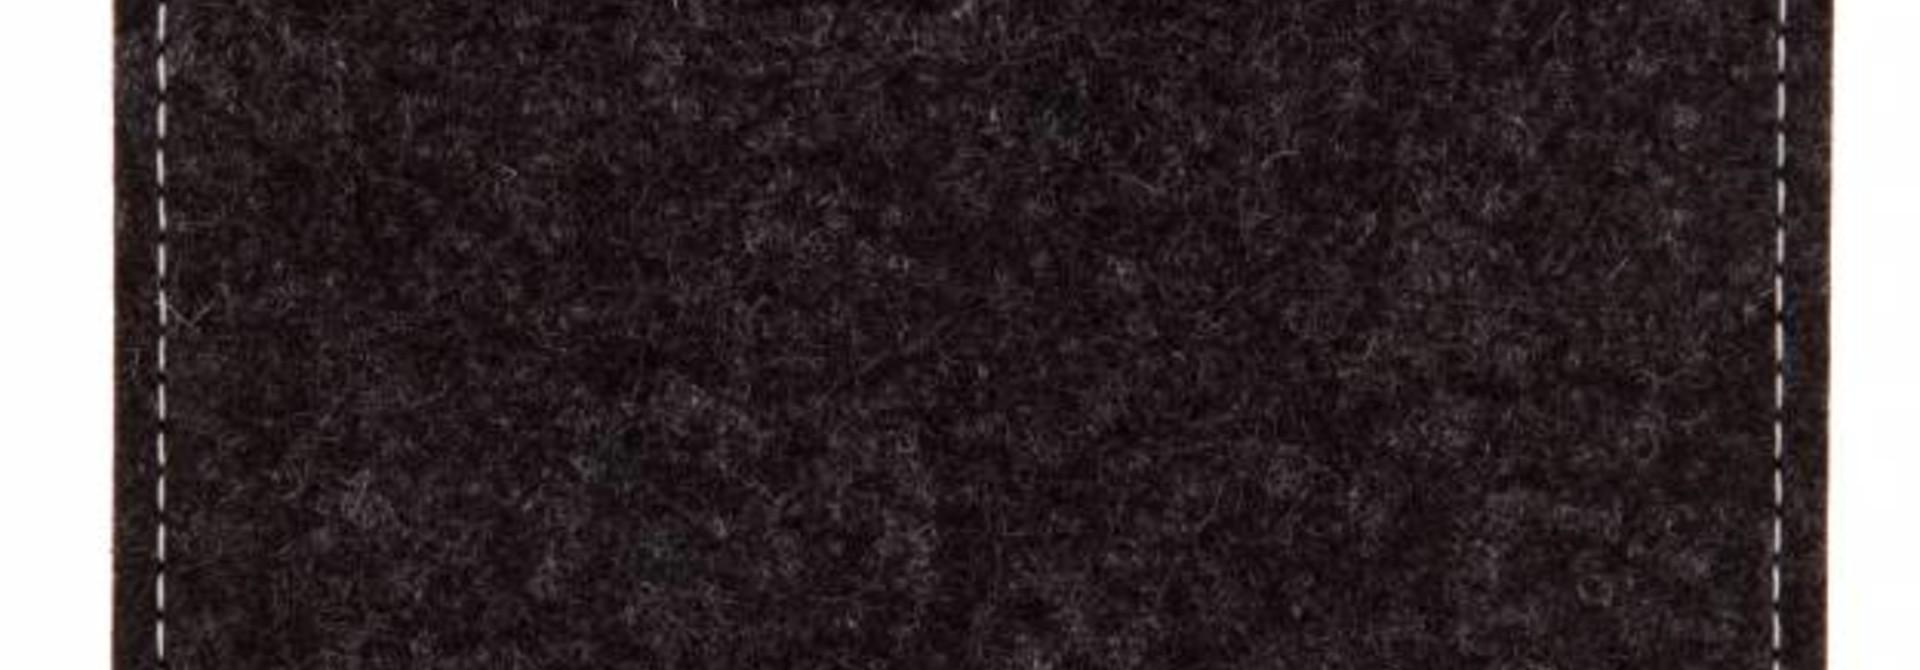 Surface Sleeve Anthrazit